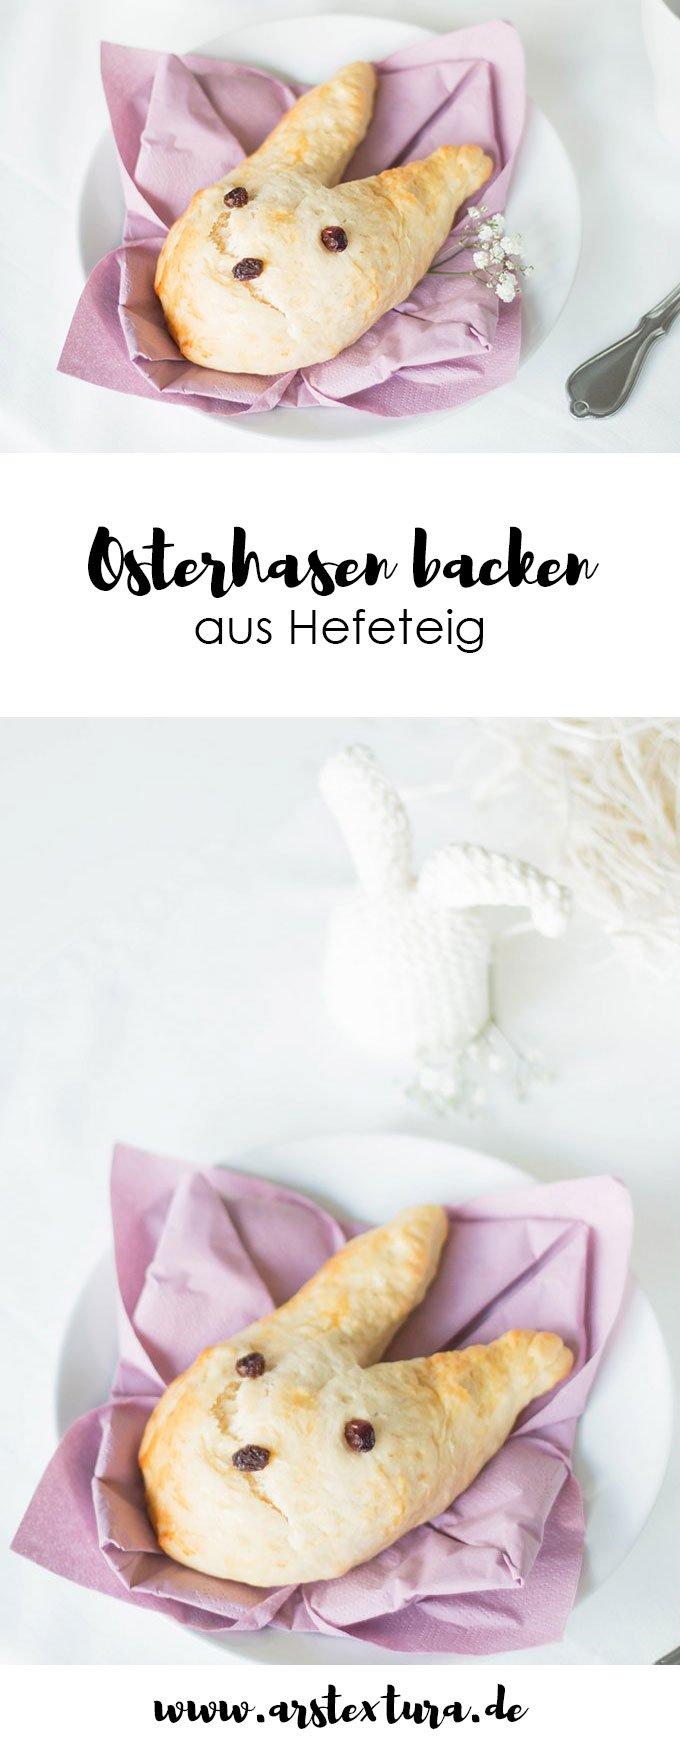 Ostern backen: Rezept Hasen aus Hefeteig backen - Osterhasen backen ist genau das Richtige zum Osterfrühstück und besser als ein Hefezopf